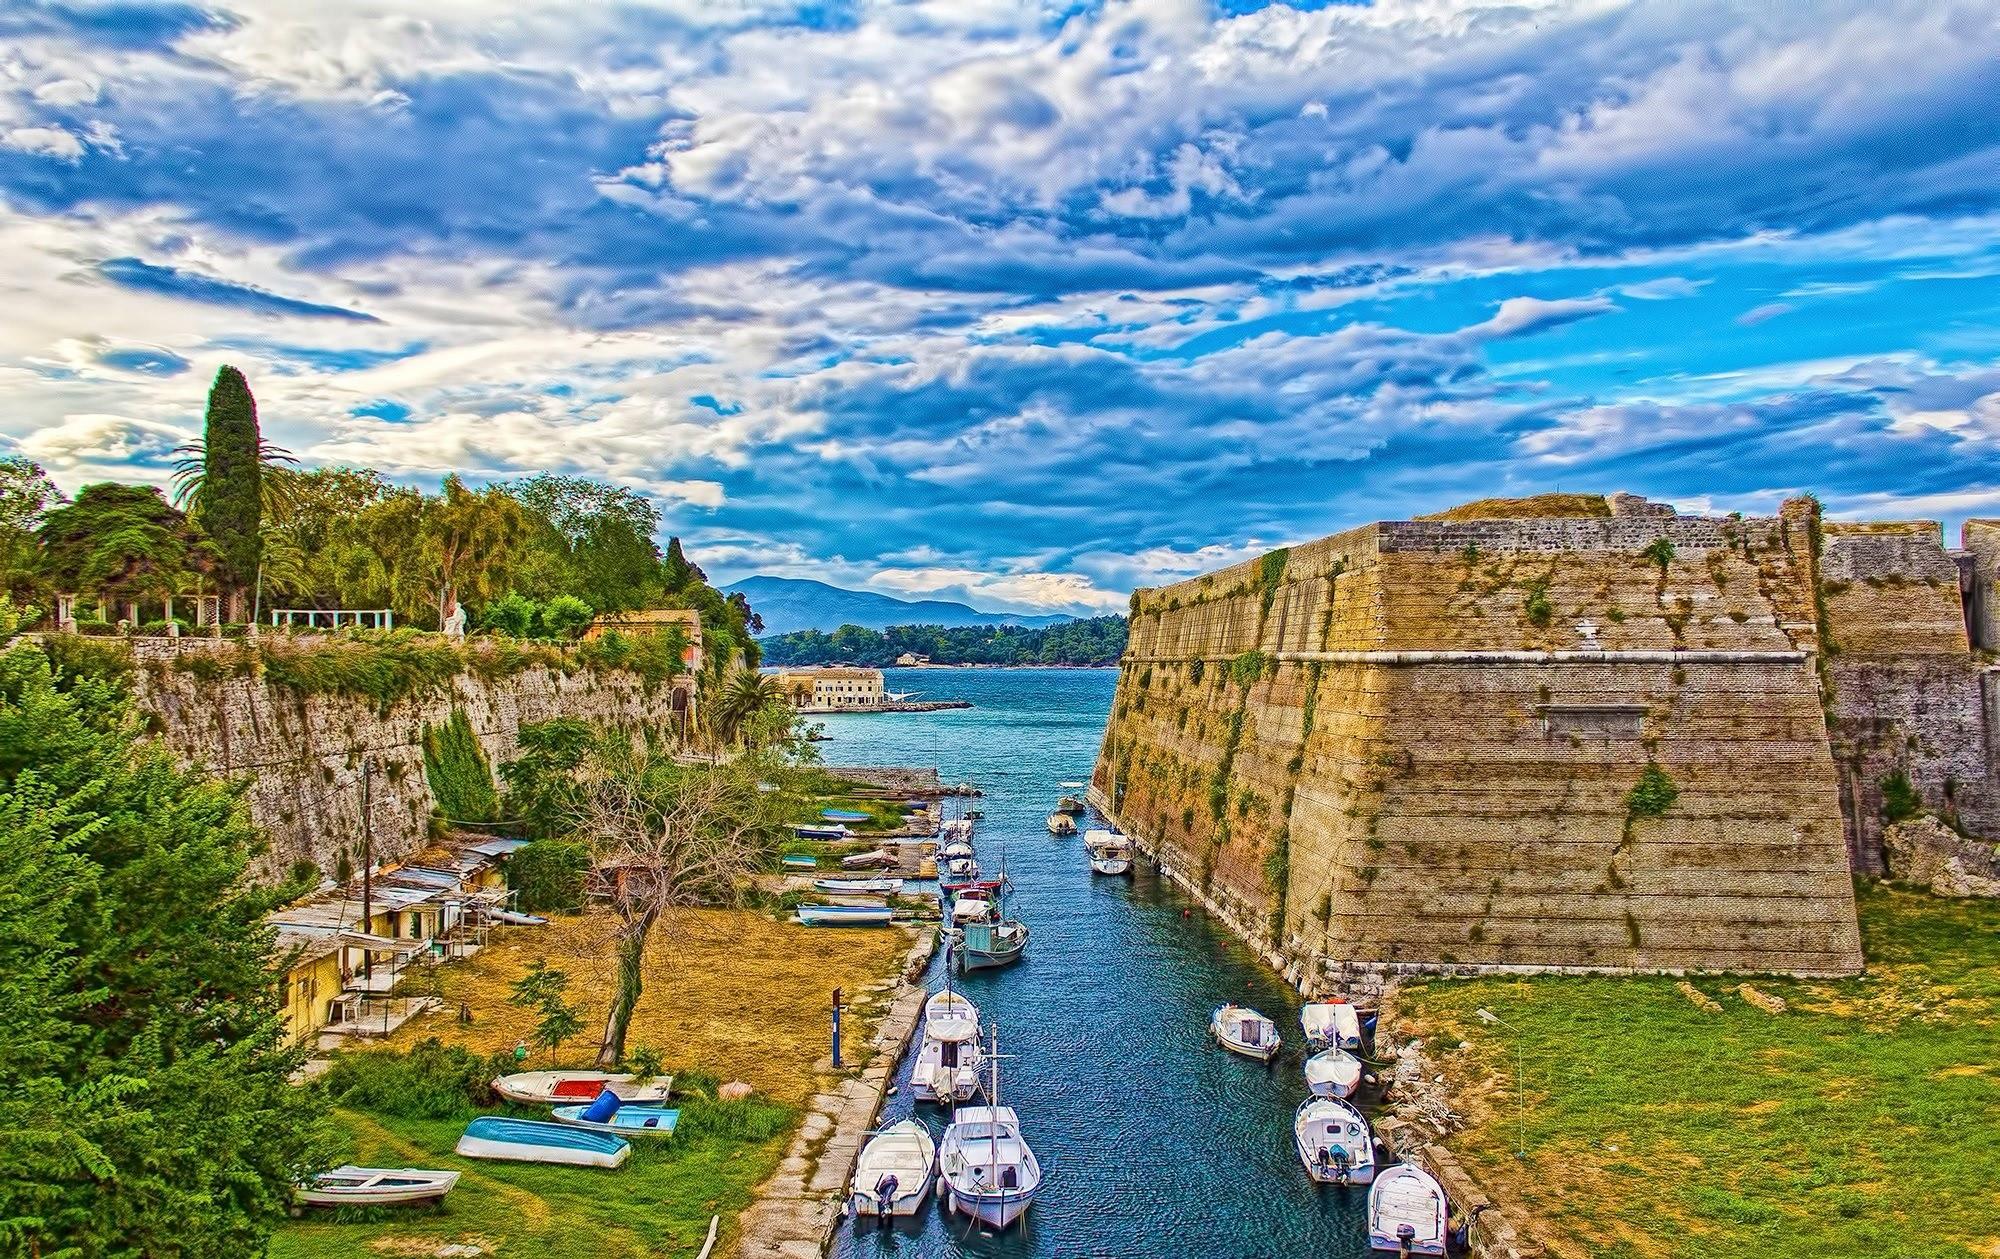 Греция: Экскурсионный тур + отдых на о.Корфу «Салоники - Касторья - Метеора» (11 ночей)